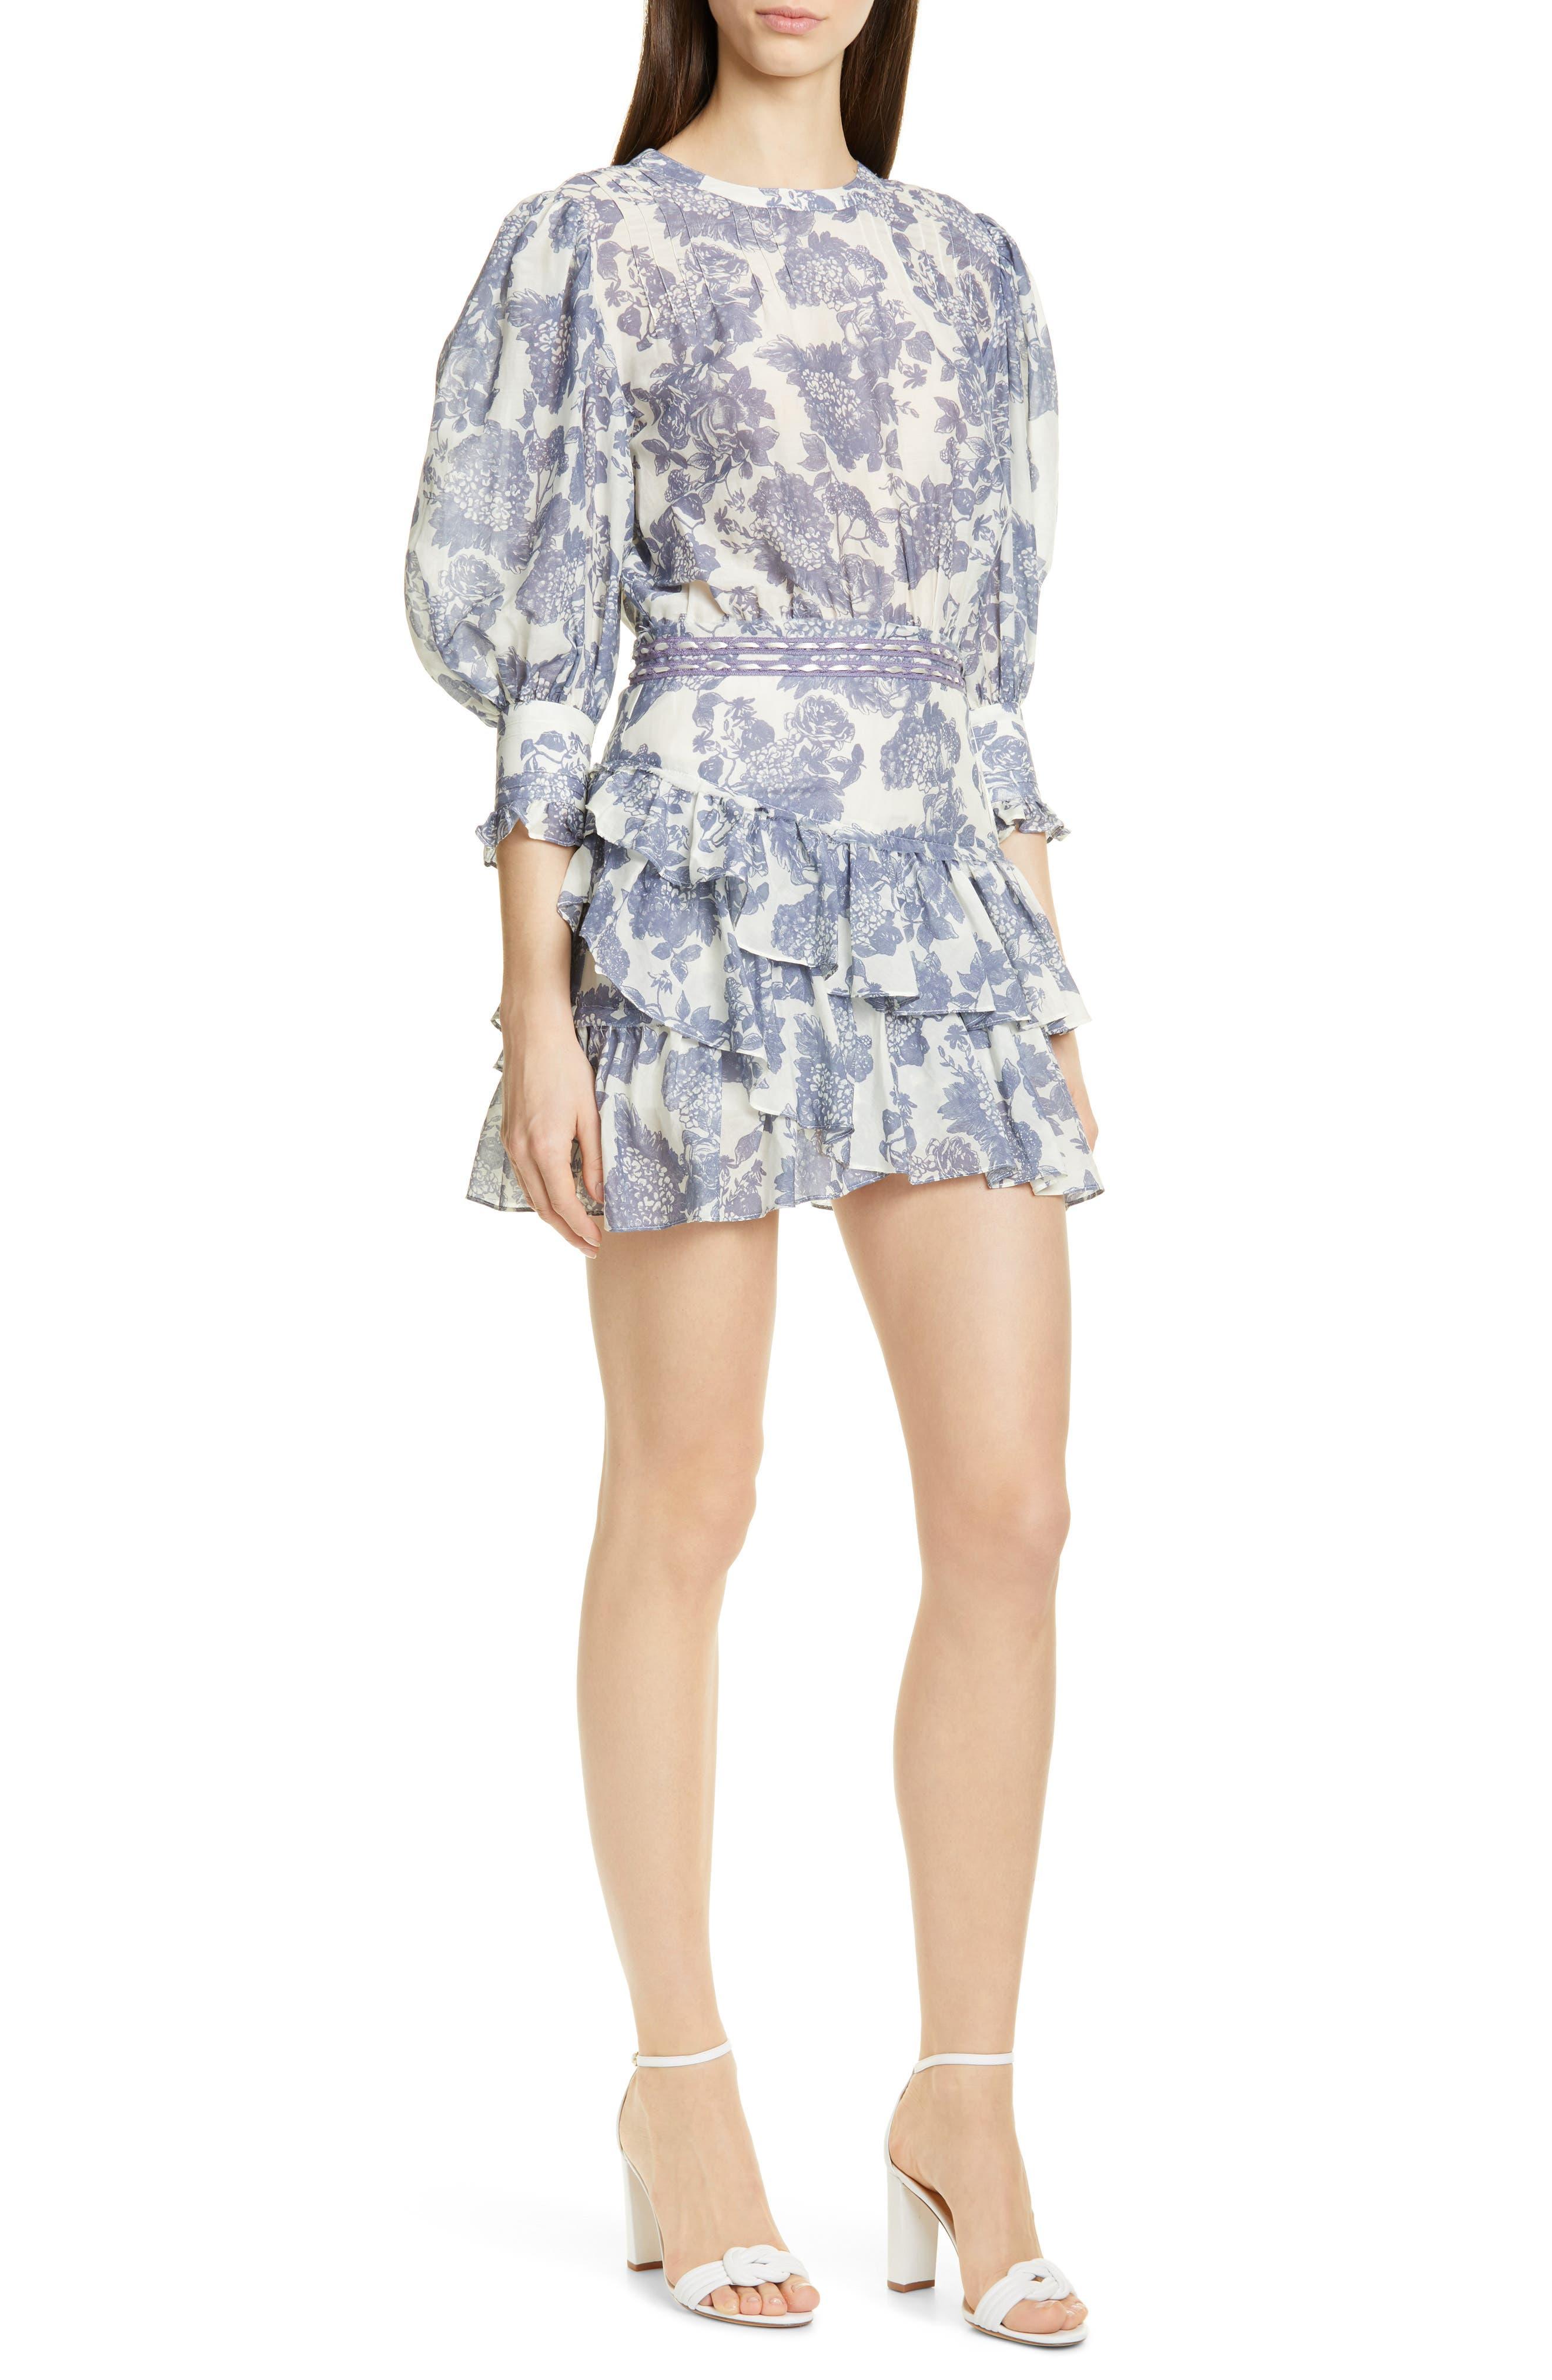 Loveshackfancy Lorelei Floral Minidress, Grey